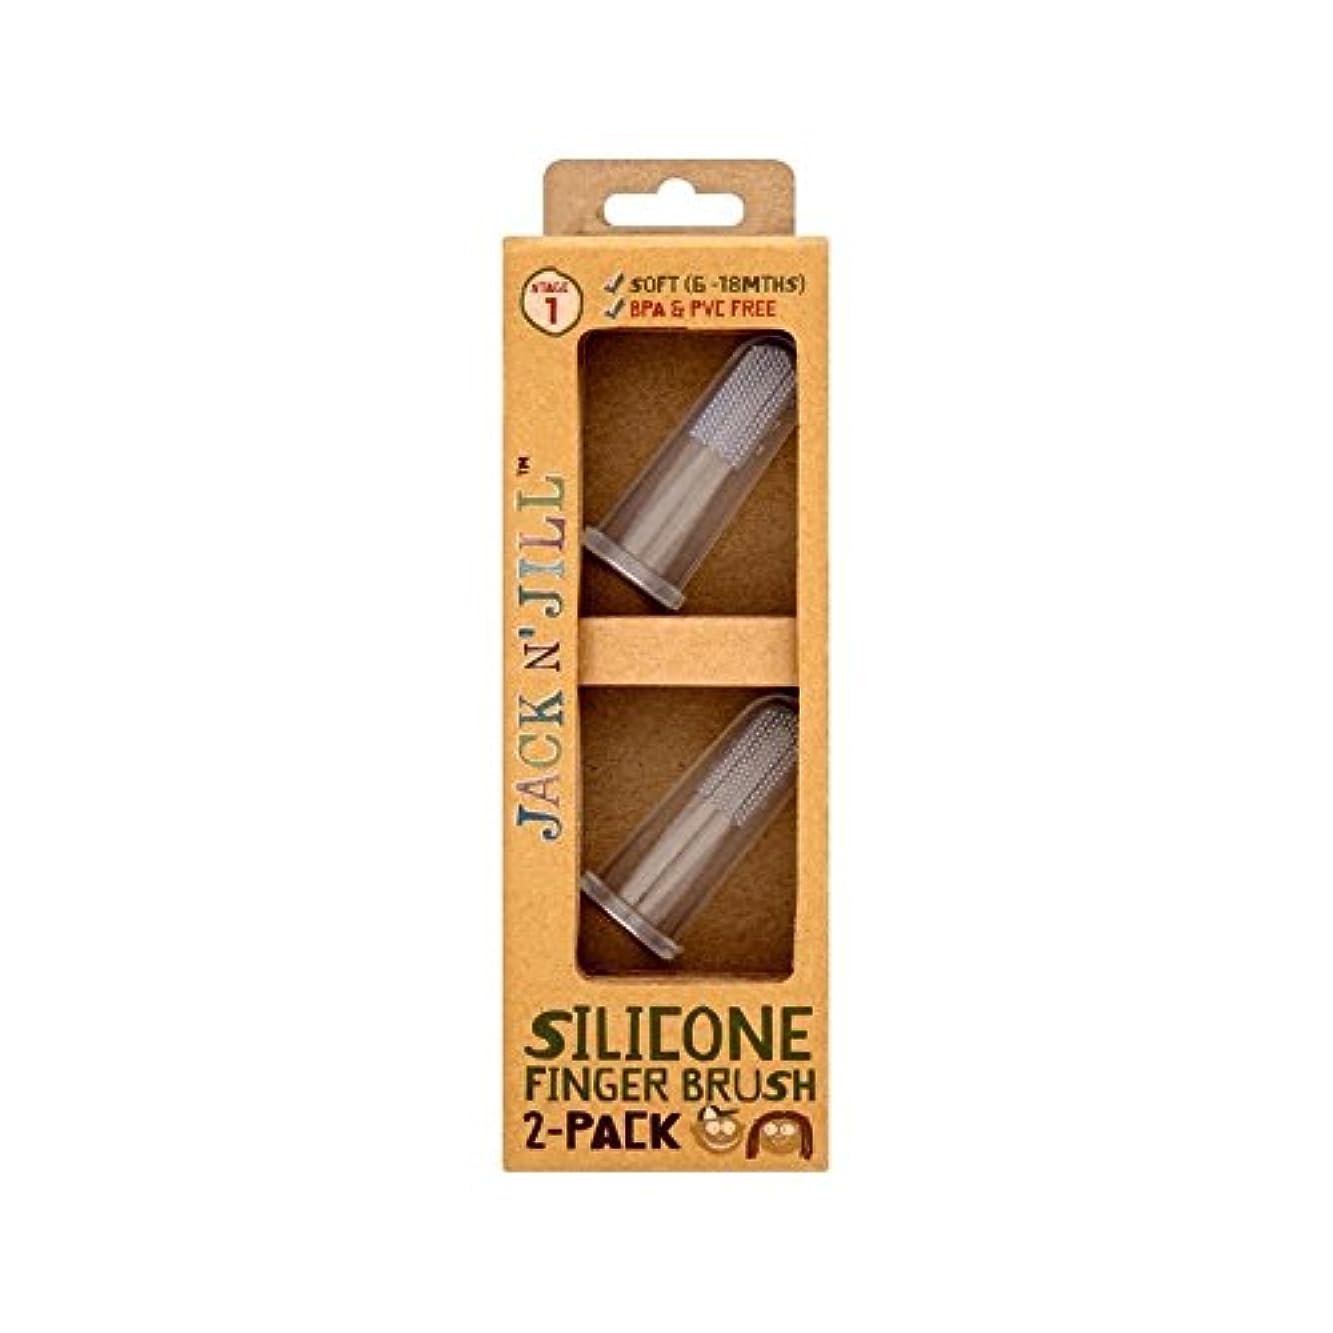 作成者ピクニック道に迷いましたシリコーン指ブラシ2パックあたりパック2 (Jack N Jill) (x 4) - Jack N' Jill Silicone Finger Brush 2 Pack 2 per pack (Pack of 4) [並行輸入品]